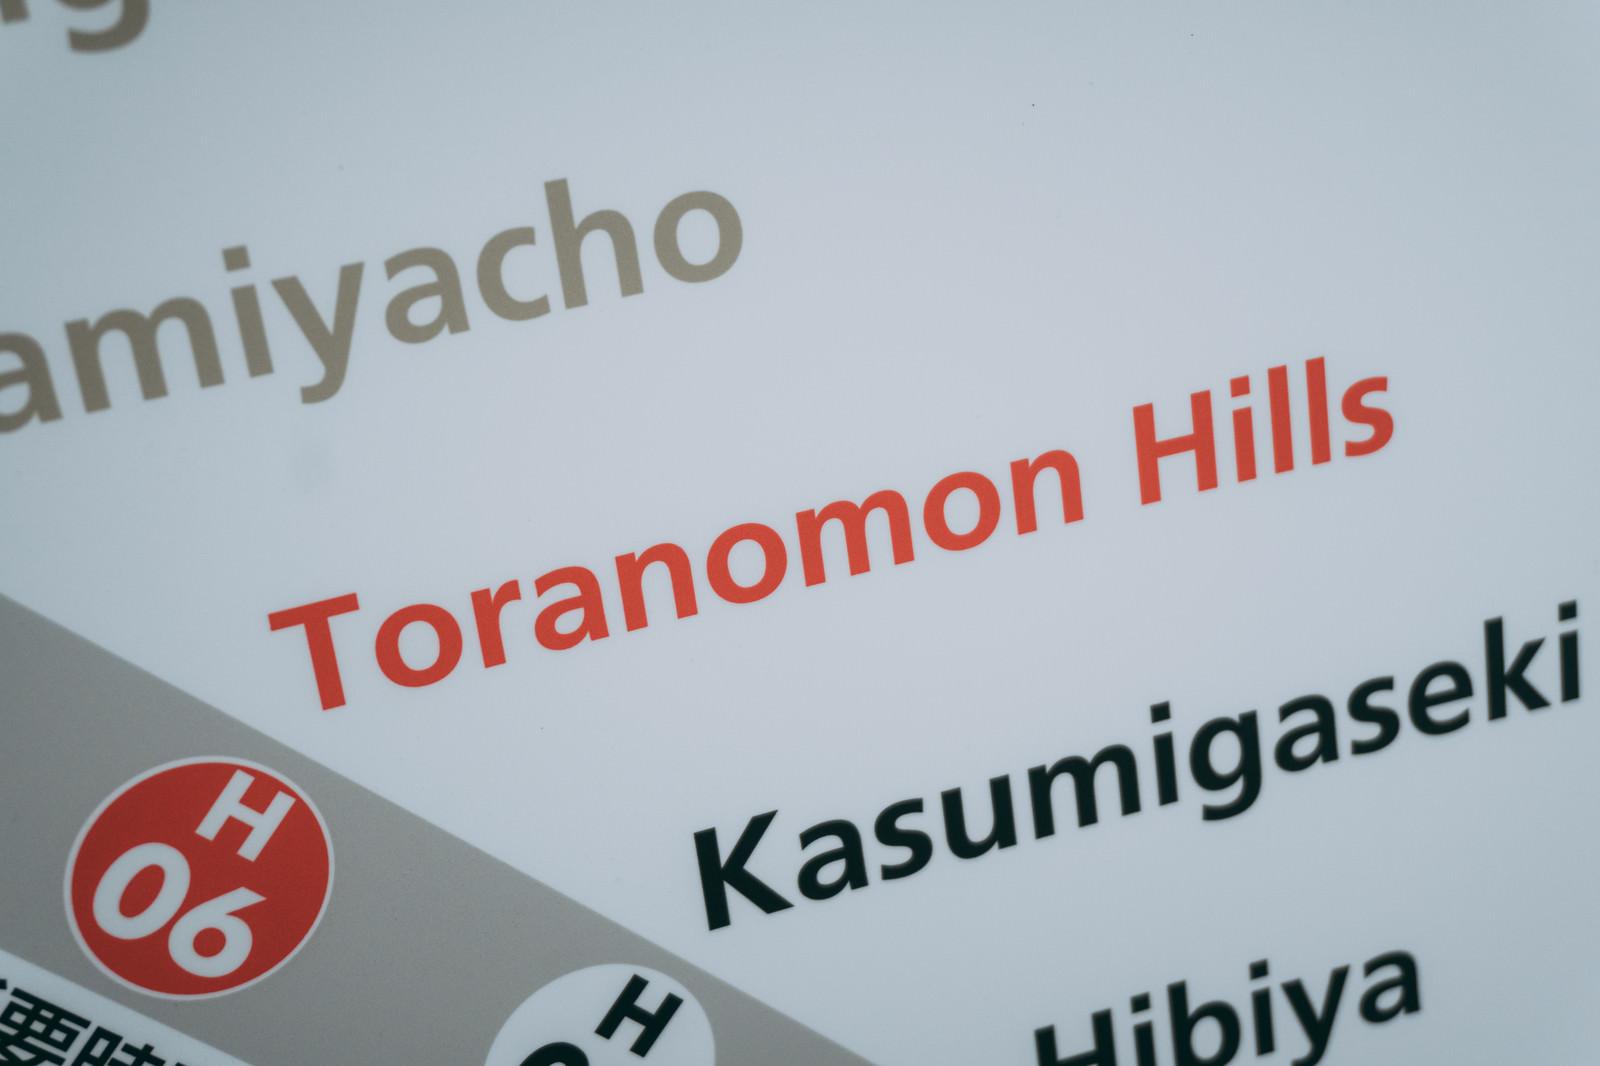 「H06 Toranomon Hills」の写真